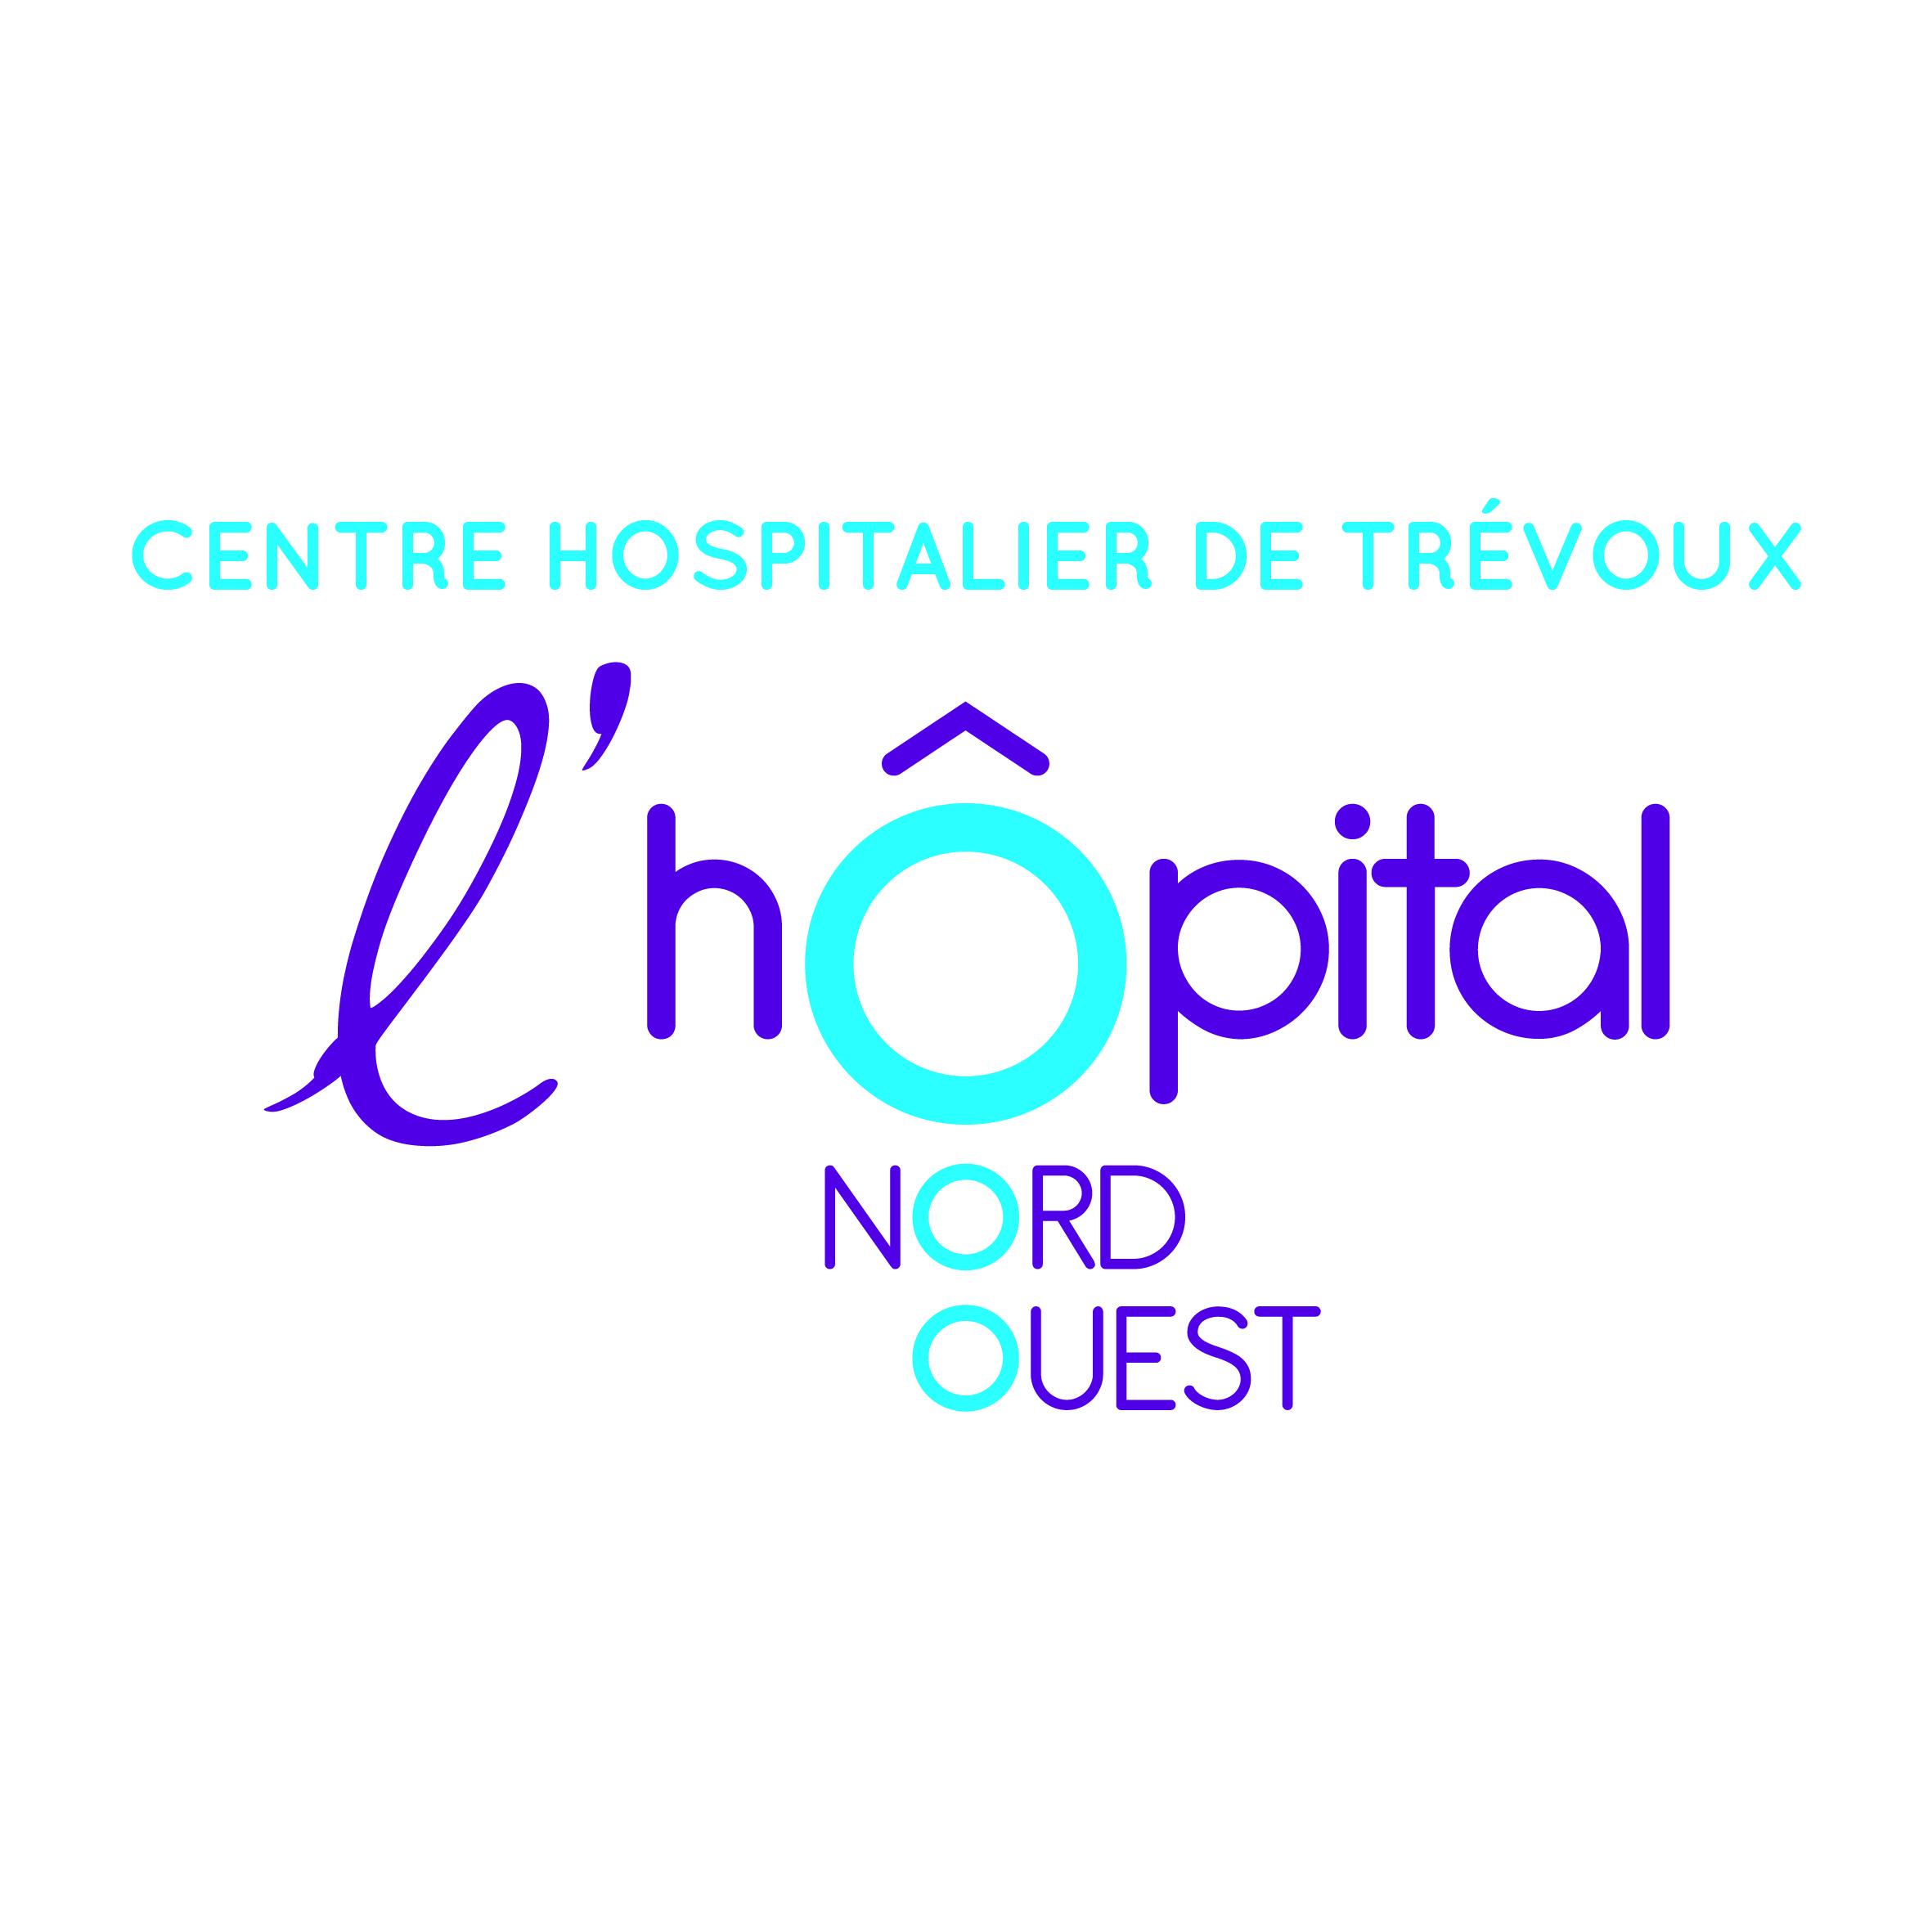 offres d u0026 39 emploi centre hospitalier de tr u00e9voux  tr u00e9voux